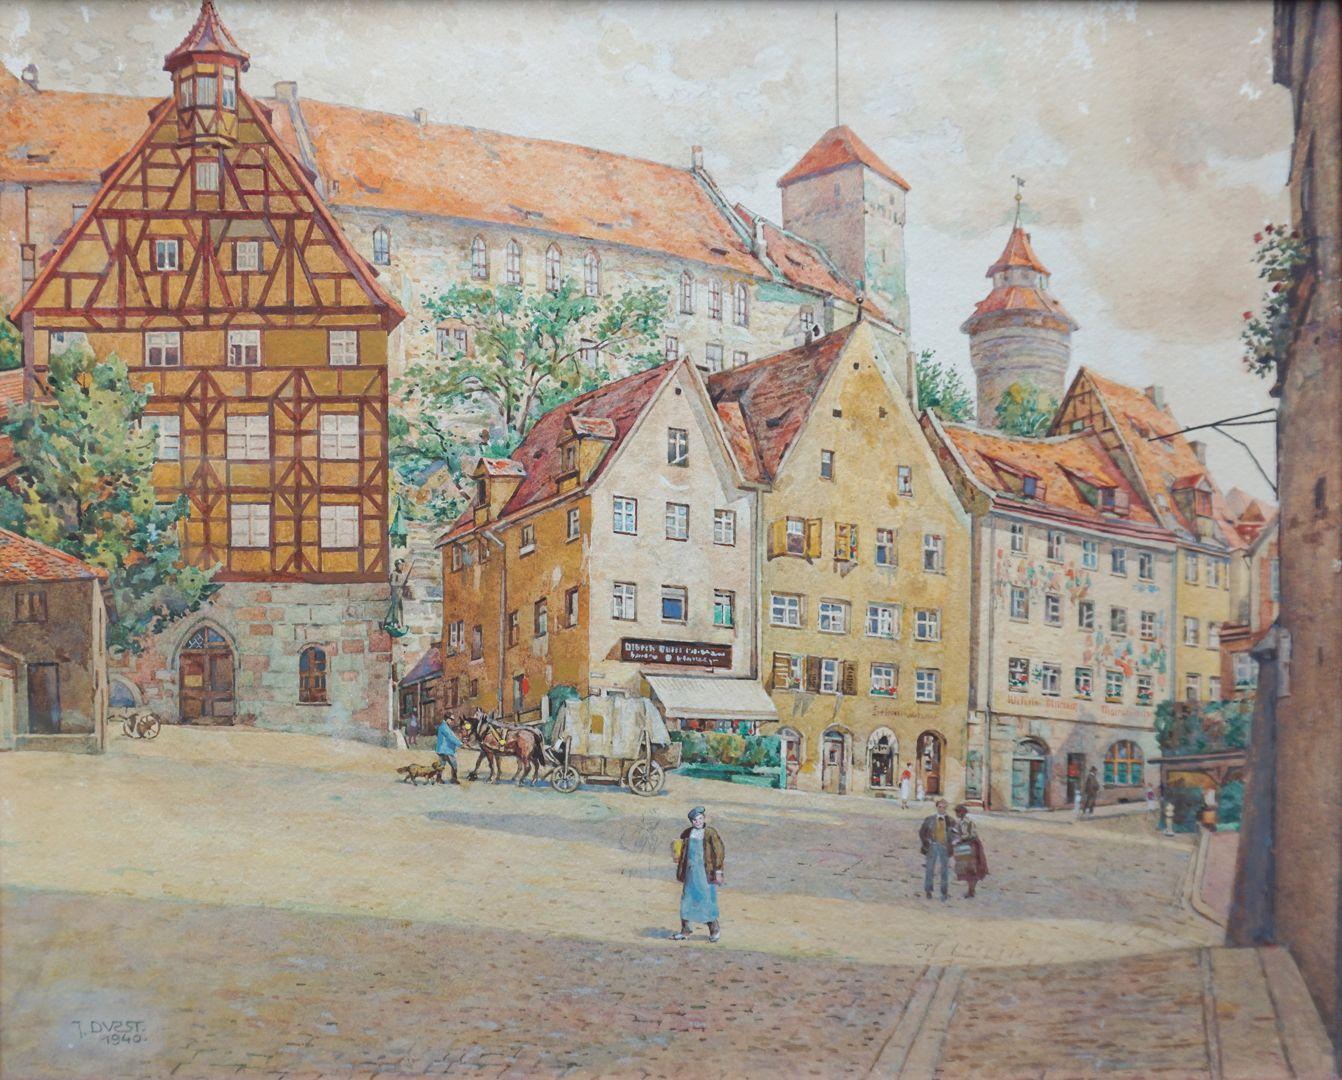 Tiergärtnertorplatz Unterhalb der Burg, Pilatushaus (links) und Häuser des Tiergärtnertorplatzes, rechter Bildrand Dürerhaus mit kegelförmigem Strebepfeiler (beziehungsweise Prellstein)